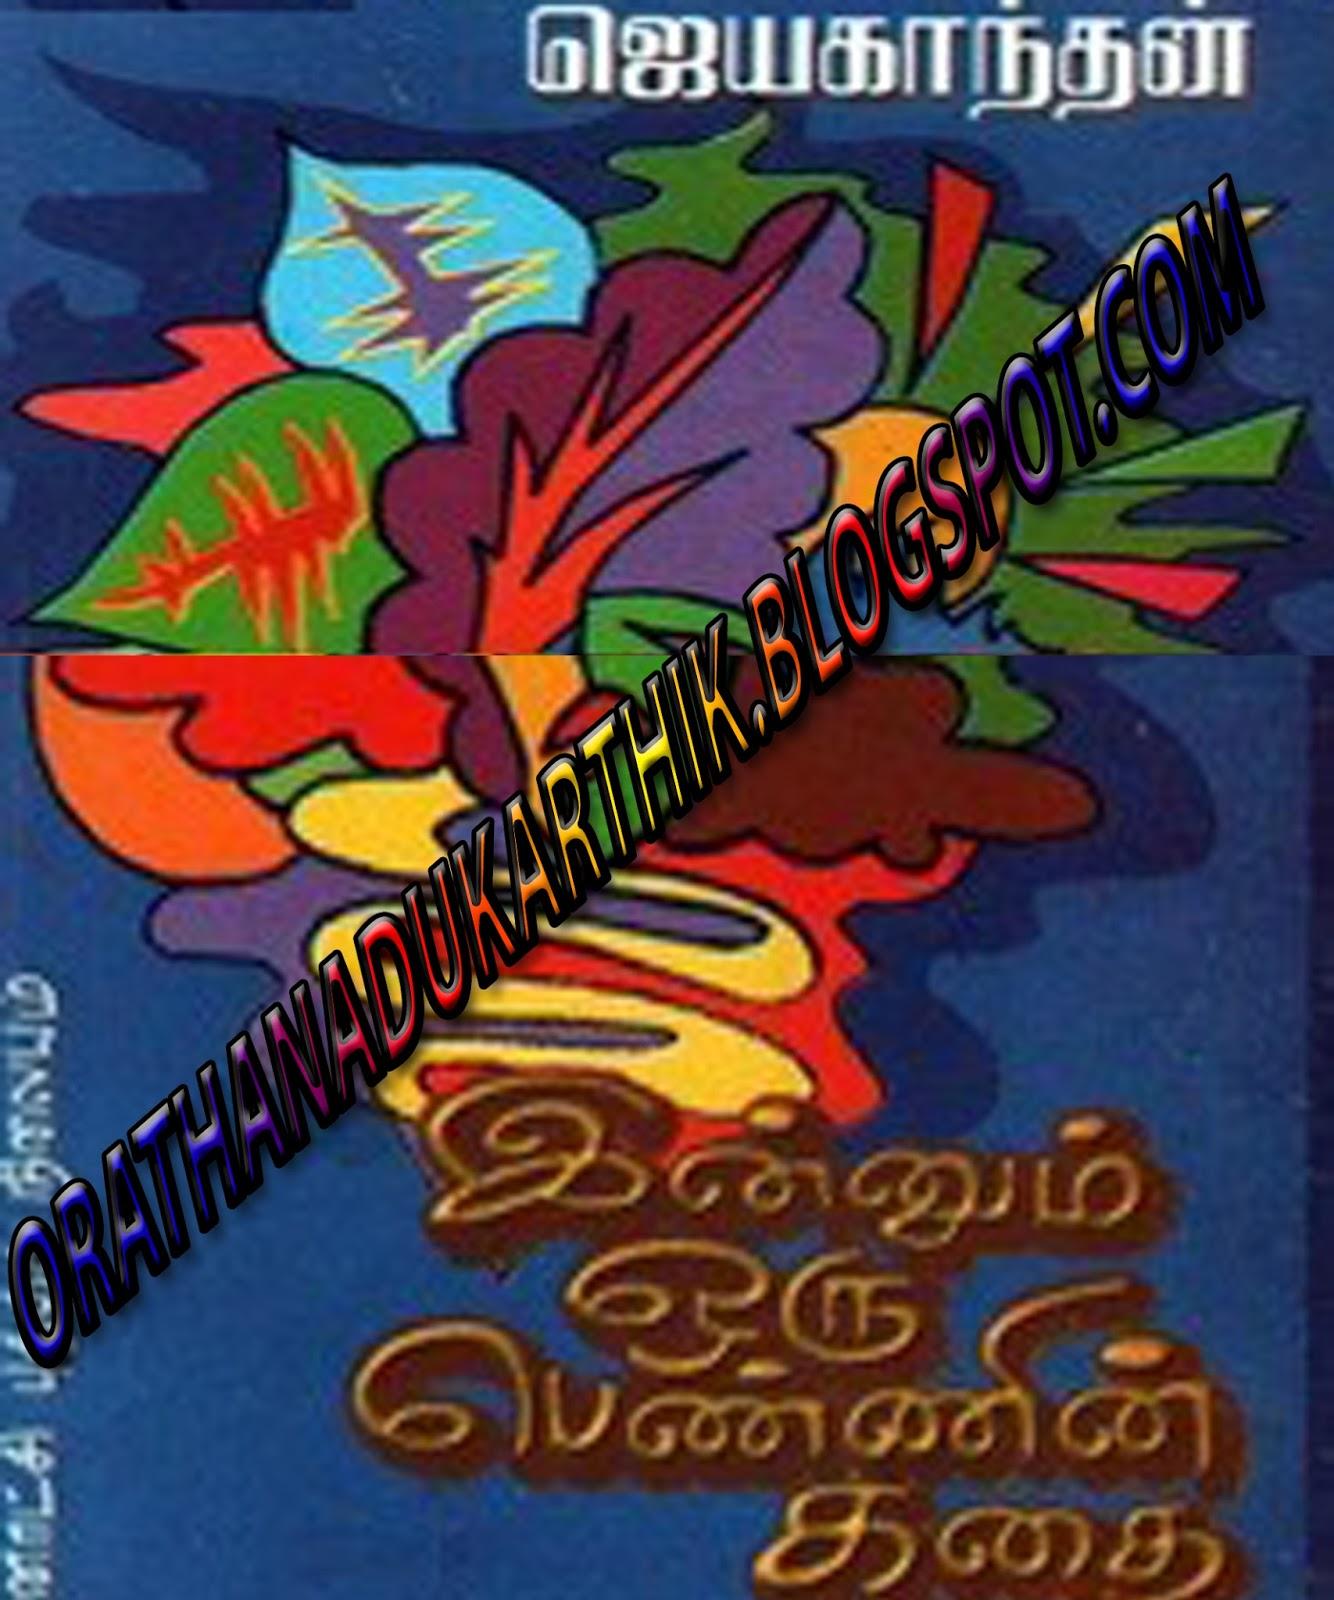 இன்னும் ஒரு பெண்ணின் கதை- ஜெயகாந்தன் நாவல் Jaya